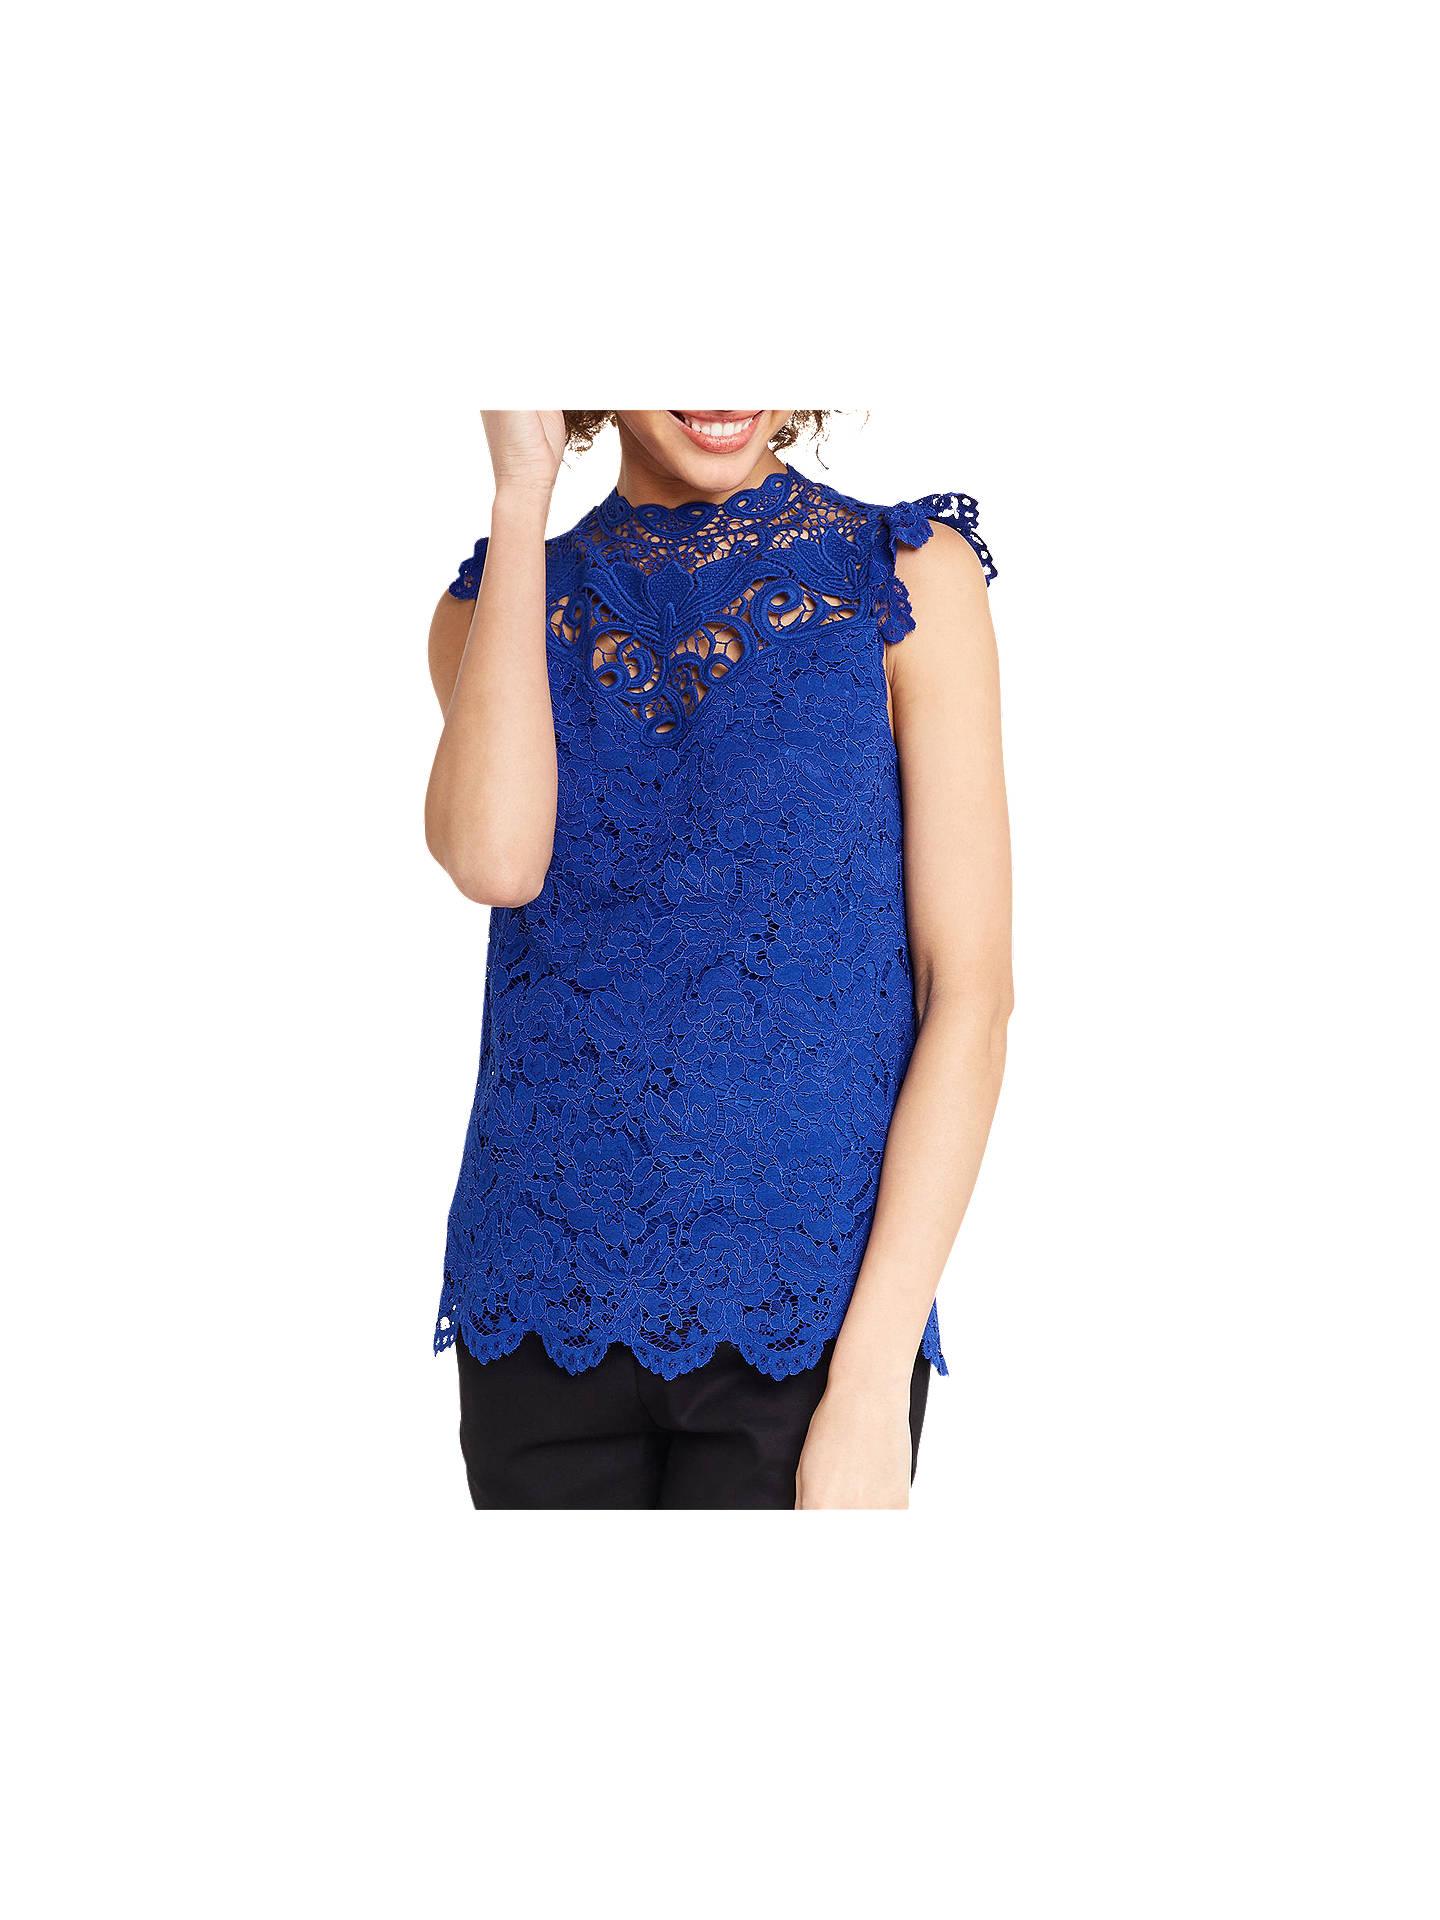 e4d59c3273b2 Buy Oasis Lace Trim High Neck Top, Blue, 8 Online at johnlewis.com ...